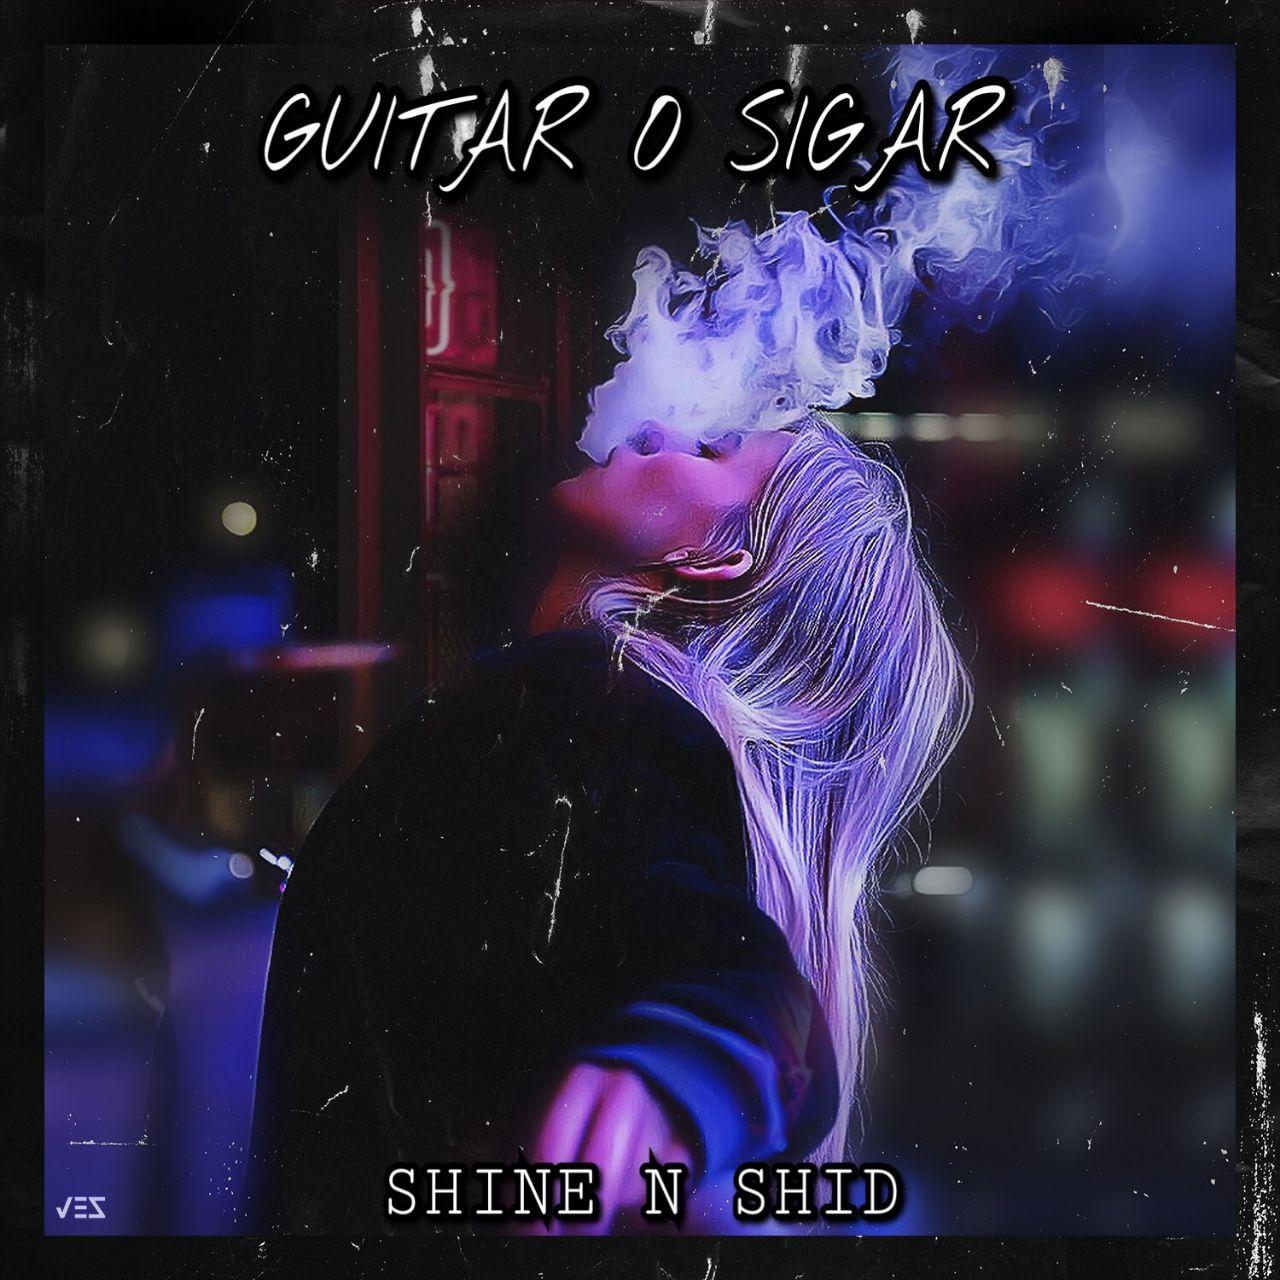 آهنگ جدید گیتار و سیگار از Shine N Shid